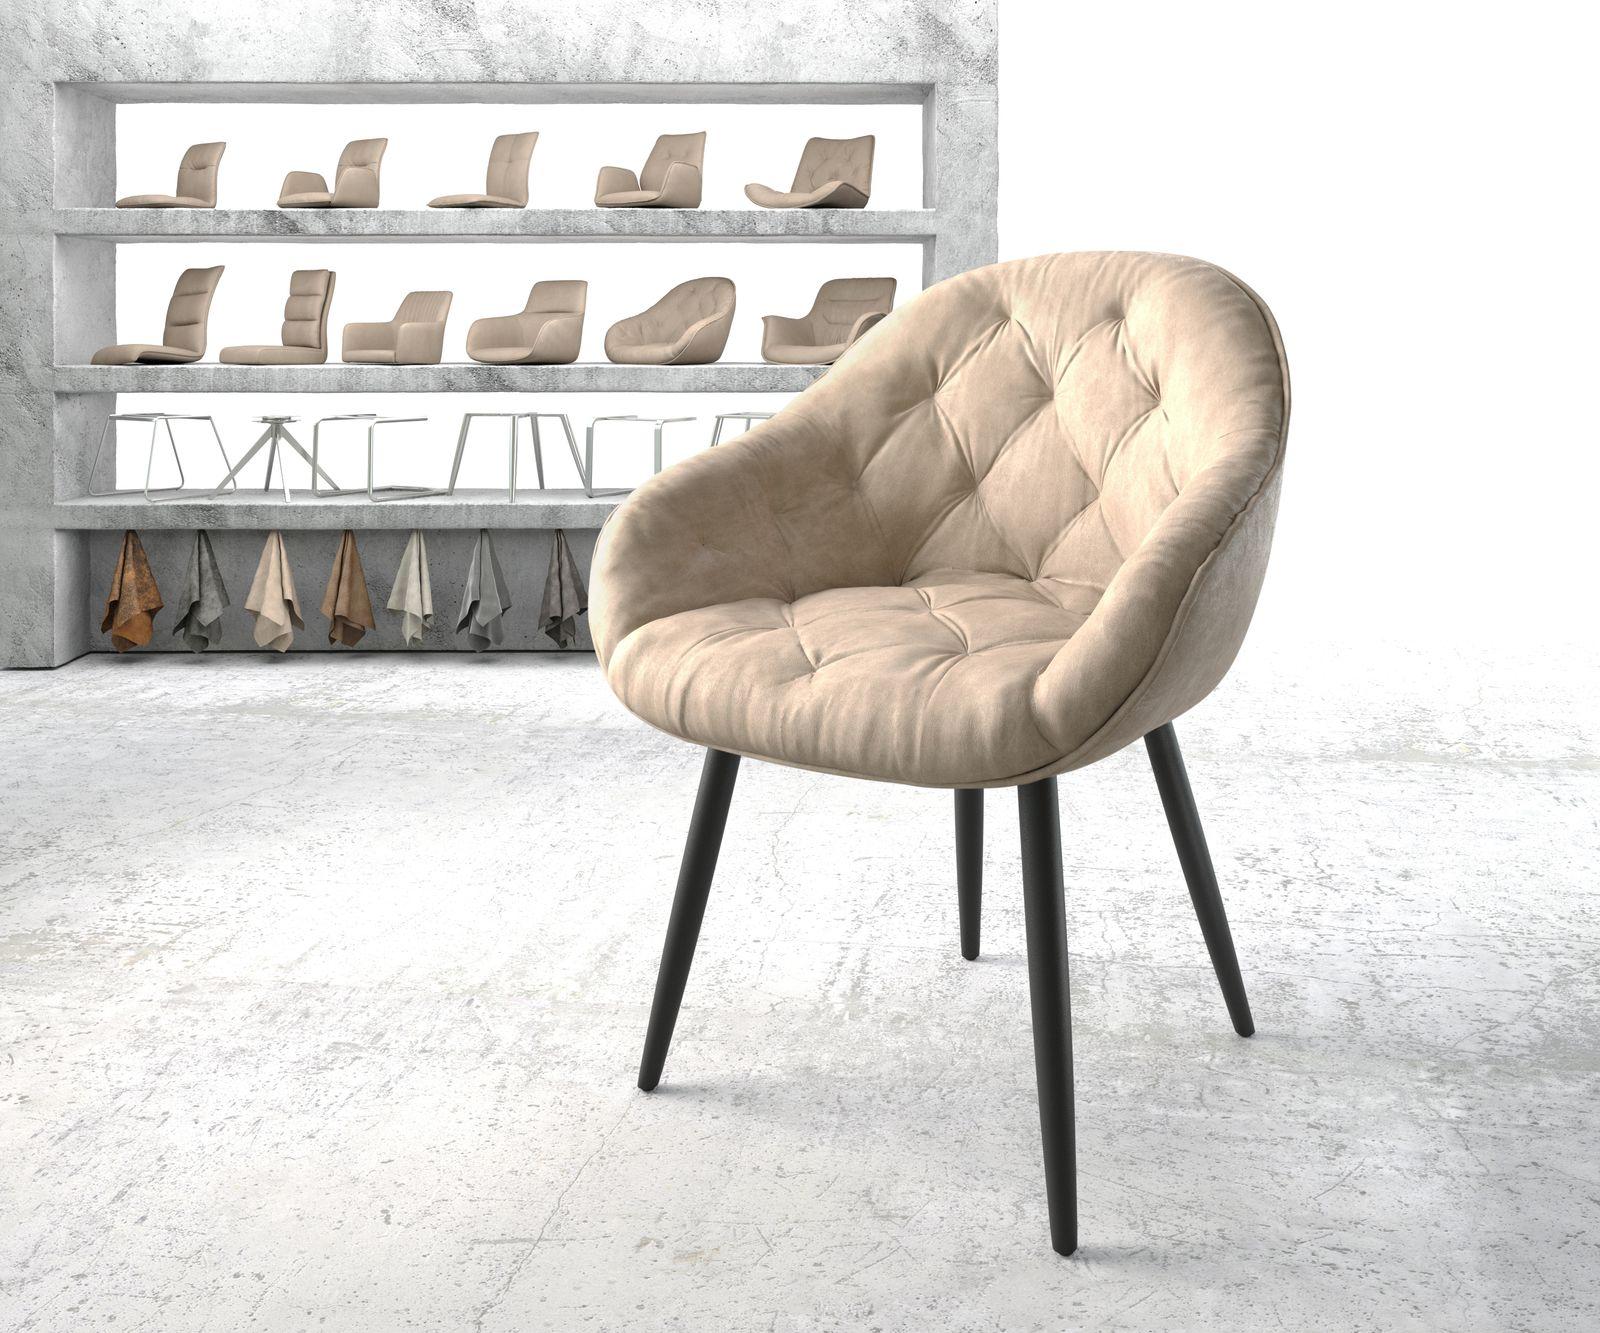 delife-armlehnstuhl-gaio-flex-beige-vintage-4-fu-konisch-schwarz-esszimmerstuhle